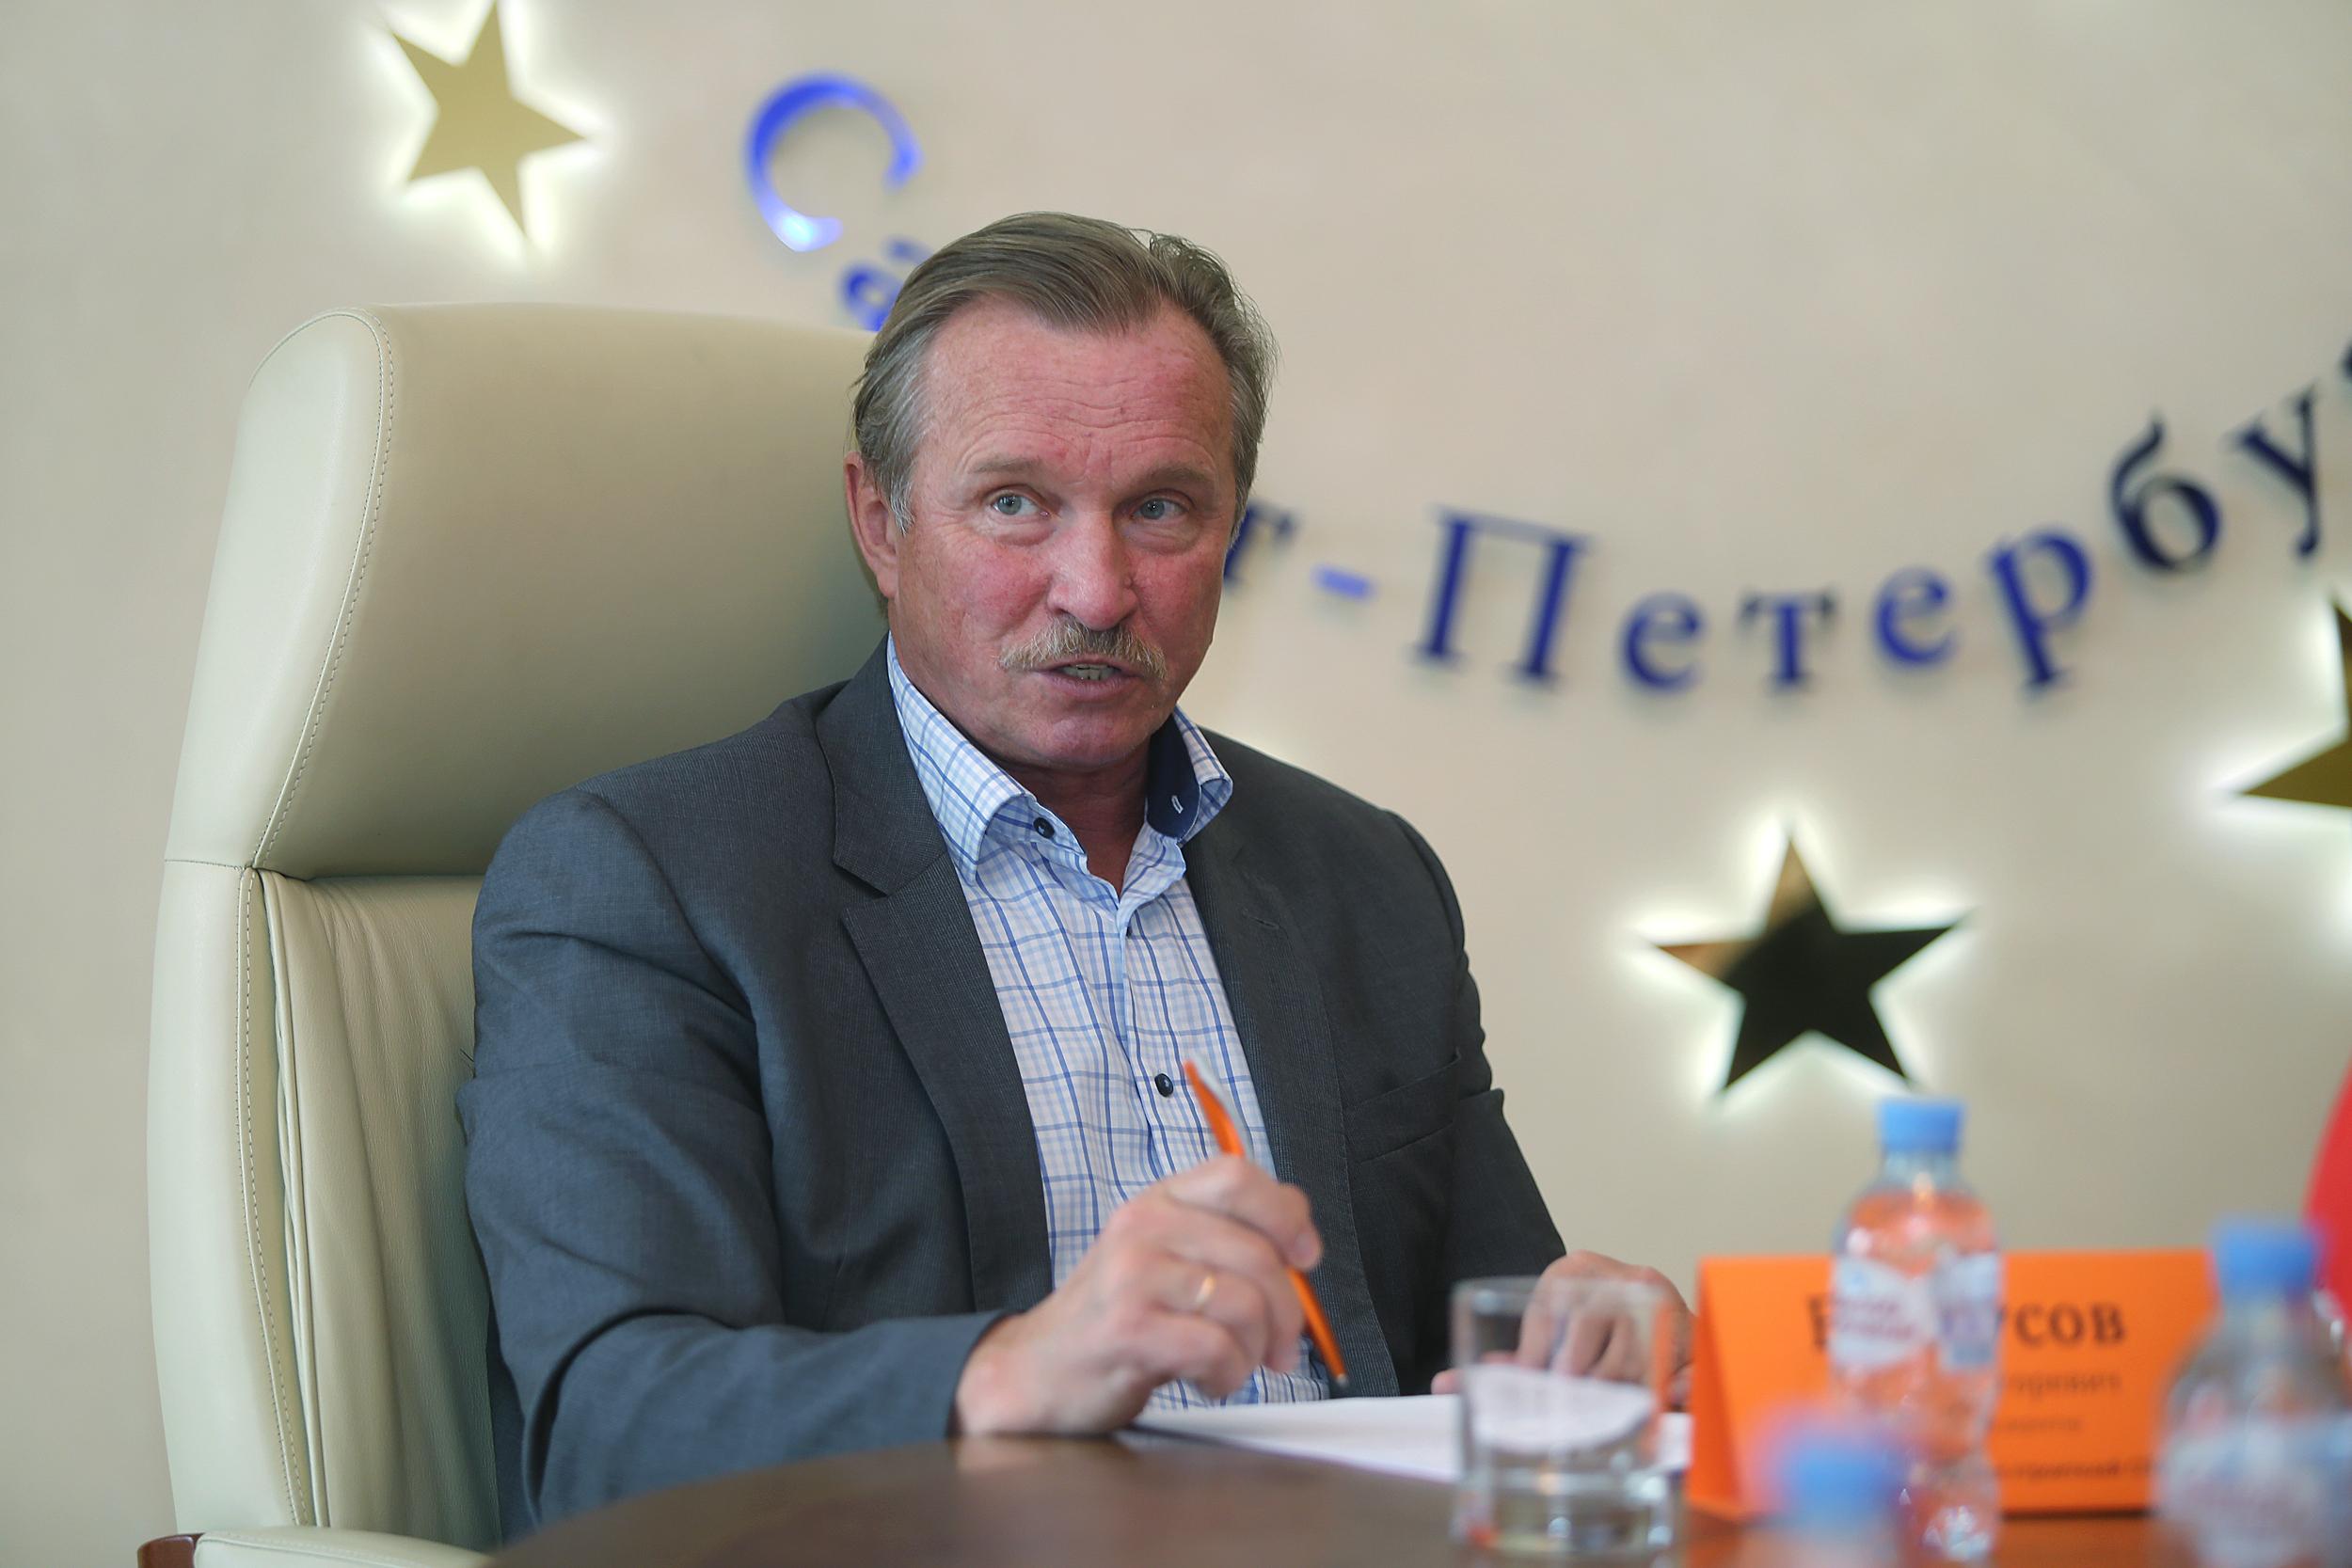 Алексей Белоусов, генеральный директор СРО А «Объединение строителей СПб»